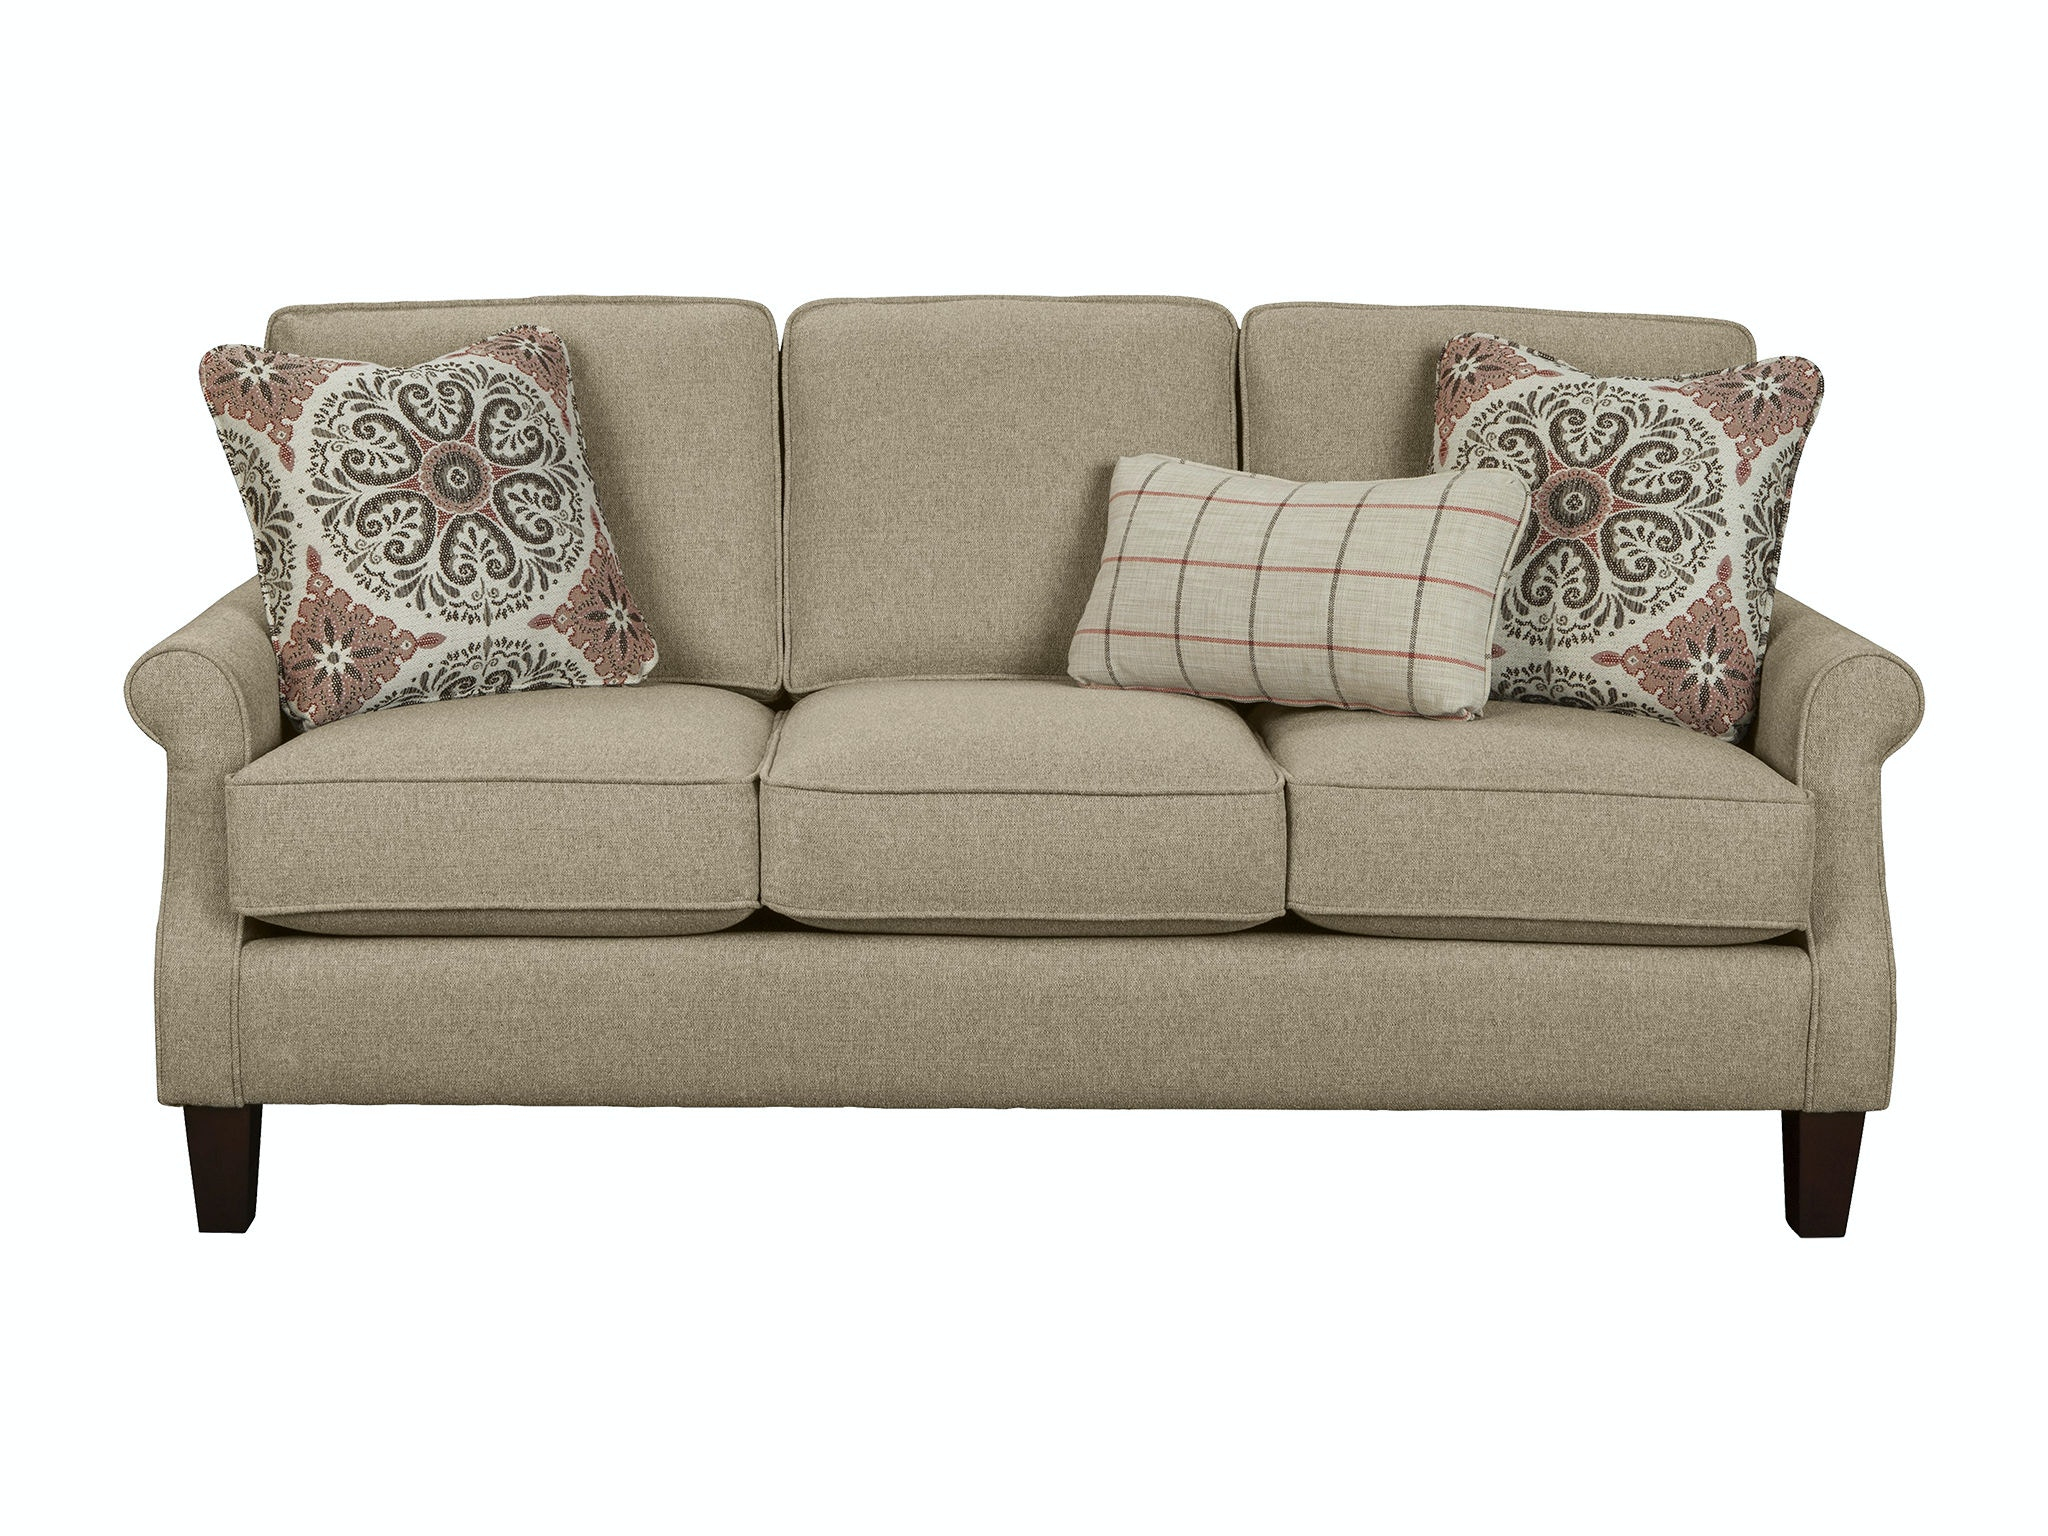 Hickorycraft Living Room Sofa 771950